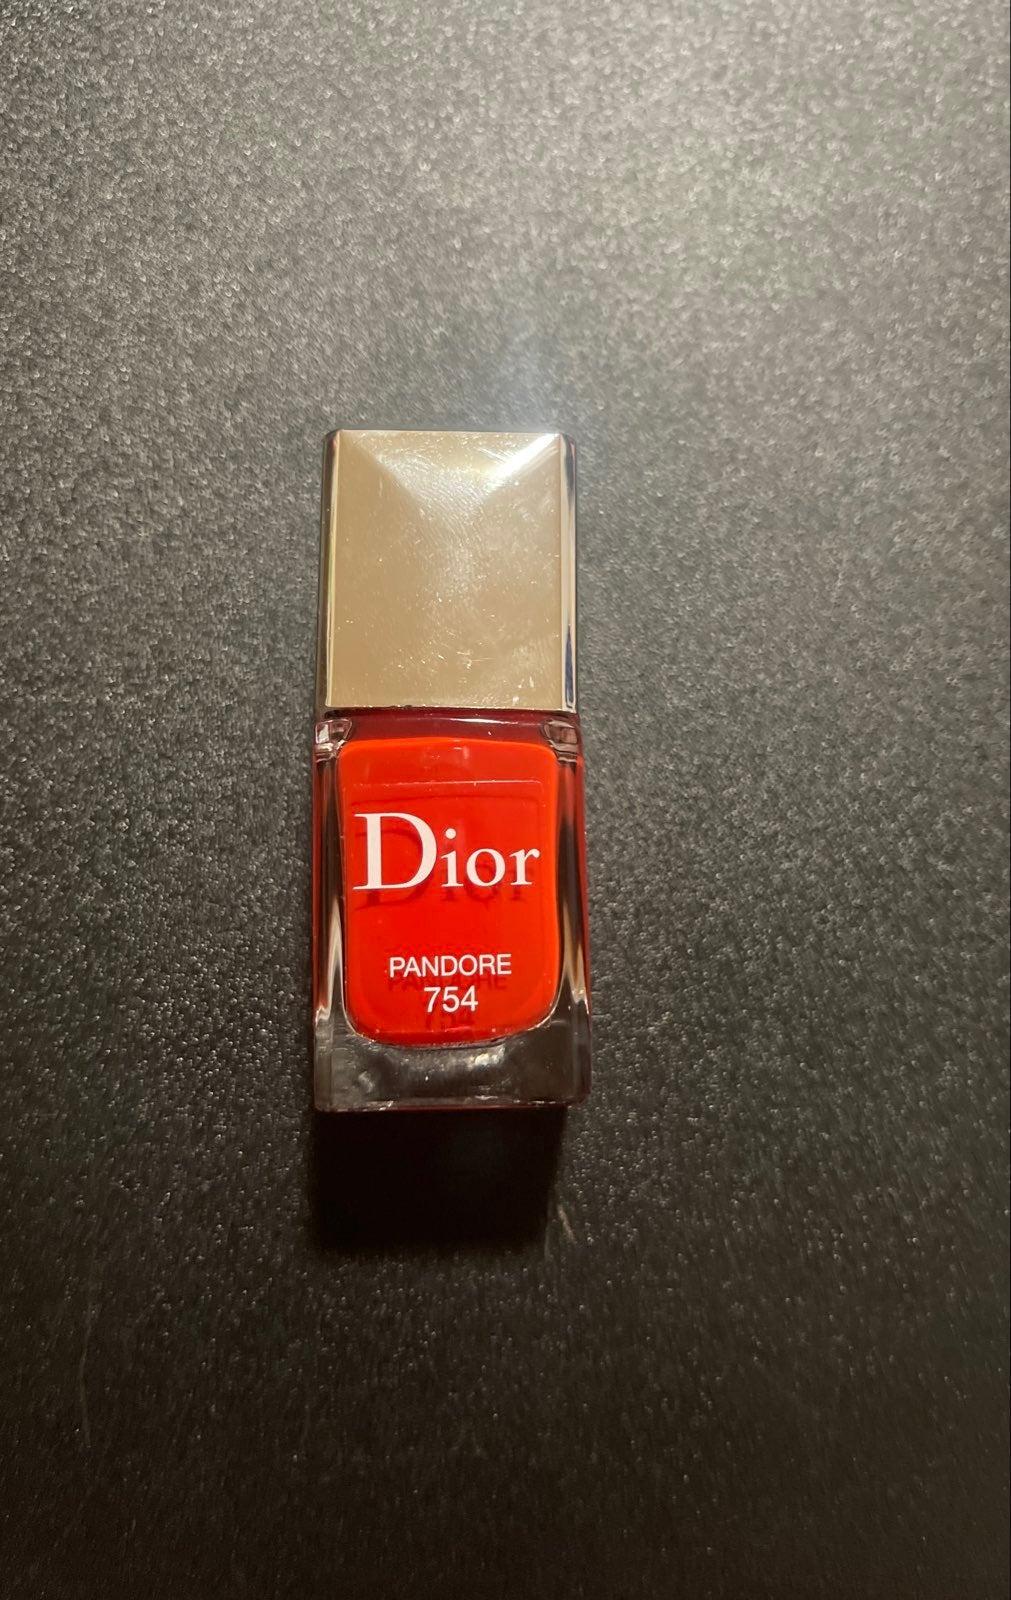 Dior Nail Polish #754 Pandore